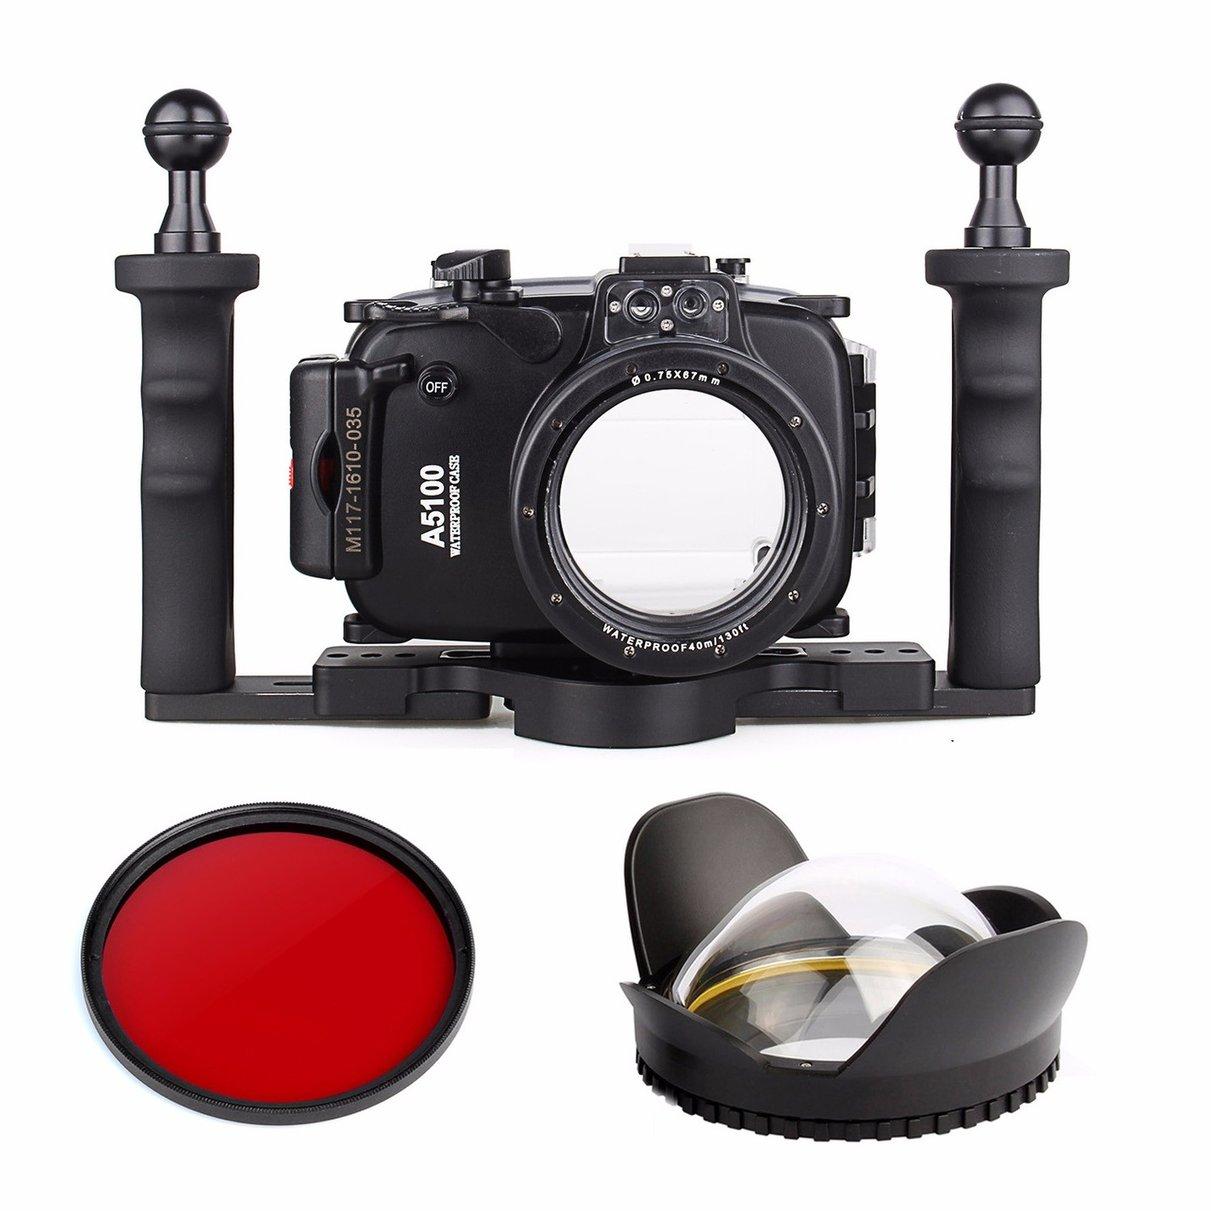 40 m Étanche Caméra Sous-Marine Sac de Caisse de Logement pour Sony A5100 16-50mm + Deux Mains Plateau En Aluminium + Fisheye + Filtre Rouge